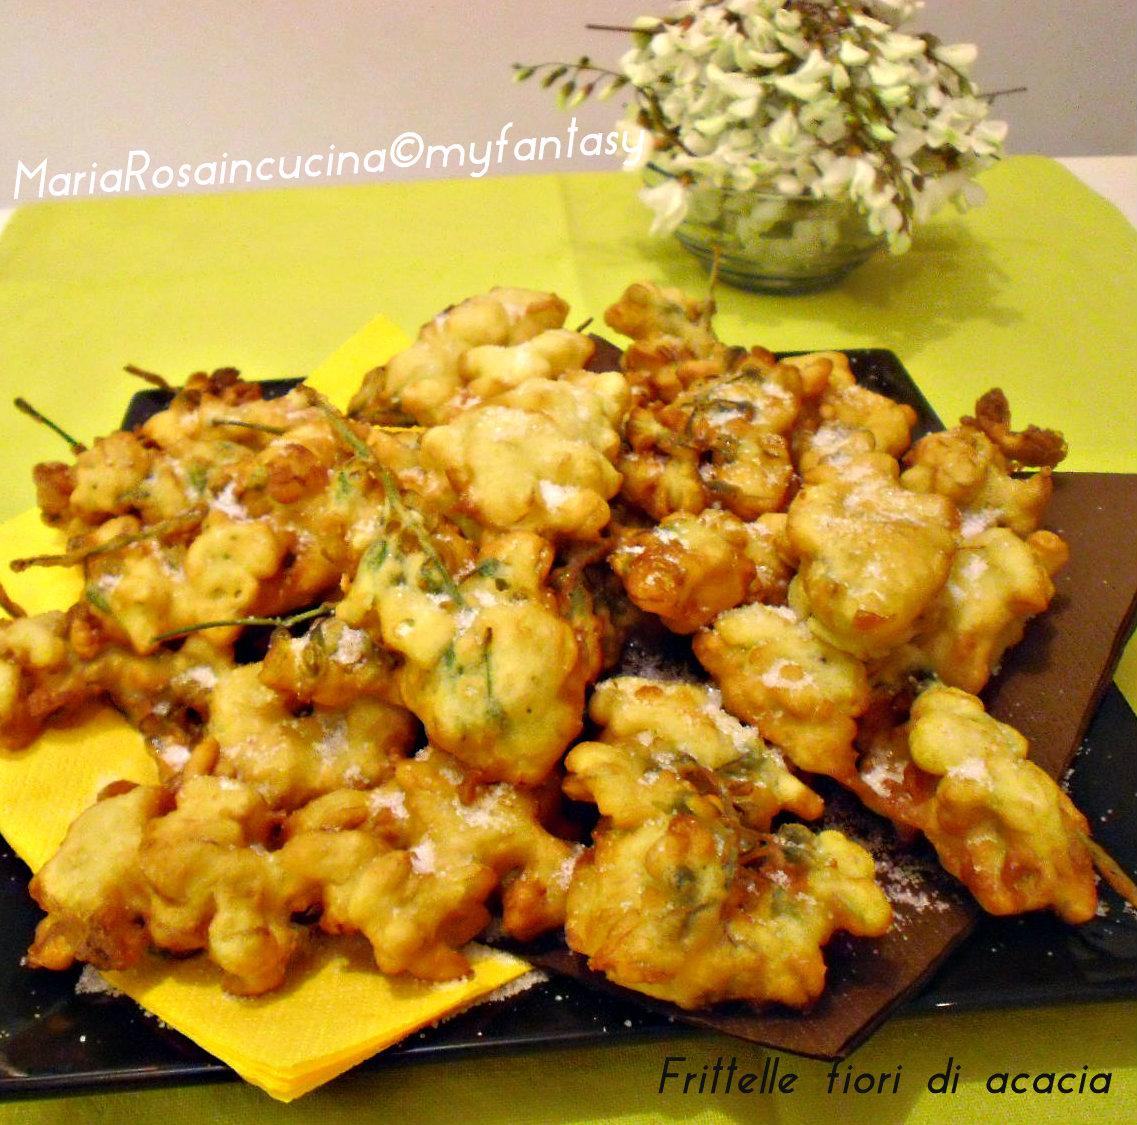 Frittelle con fiori di acacia for Pianta ornamentale con fiori a grappolo profumatissimi